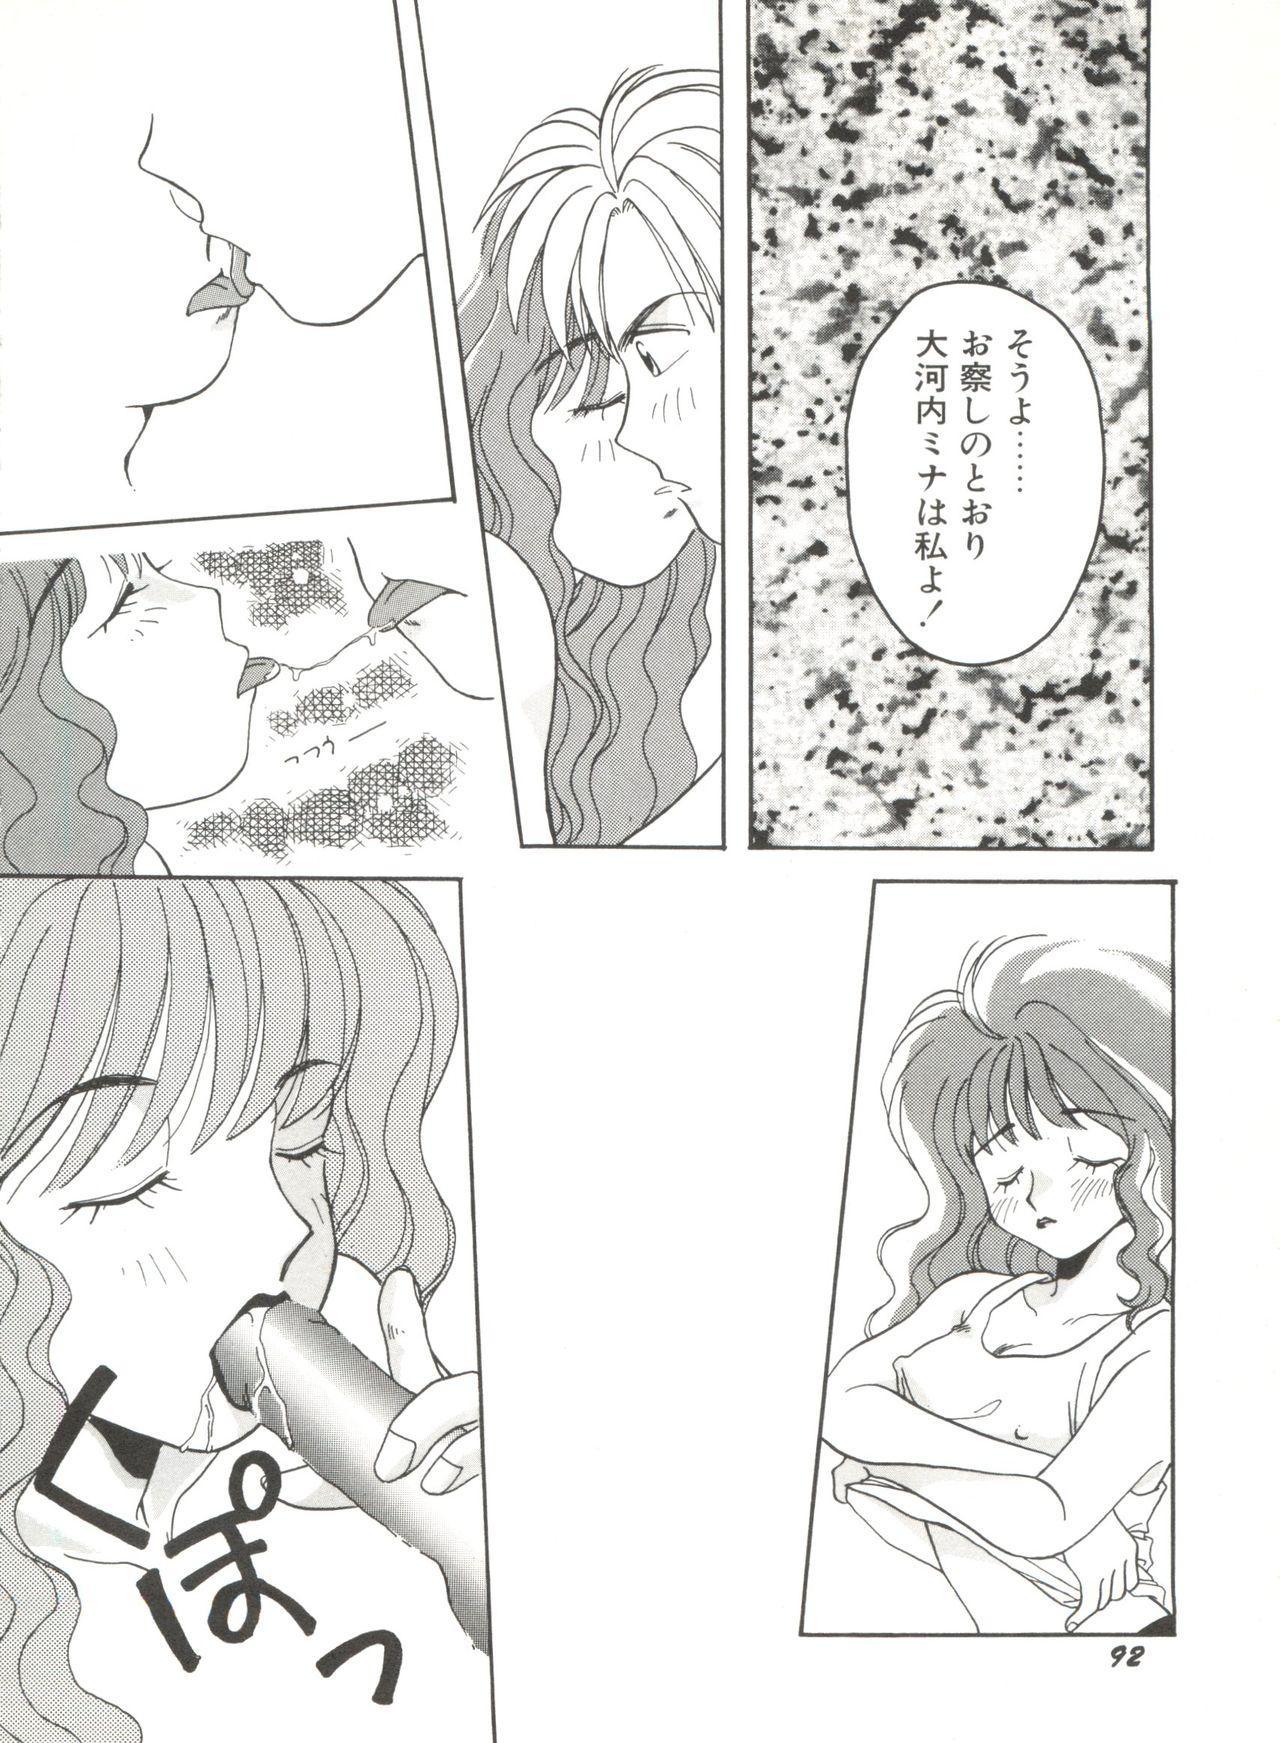 Bishoujo Doujinshi Anthology 6 95